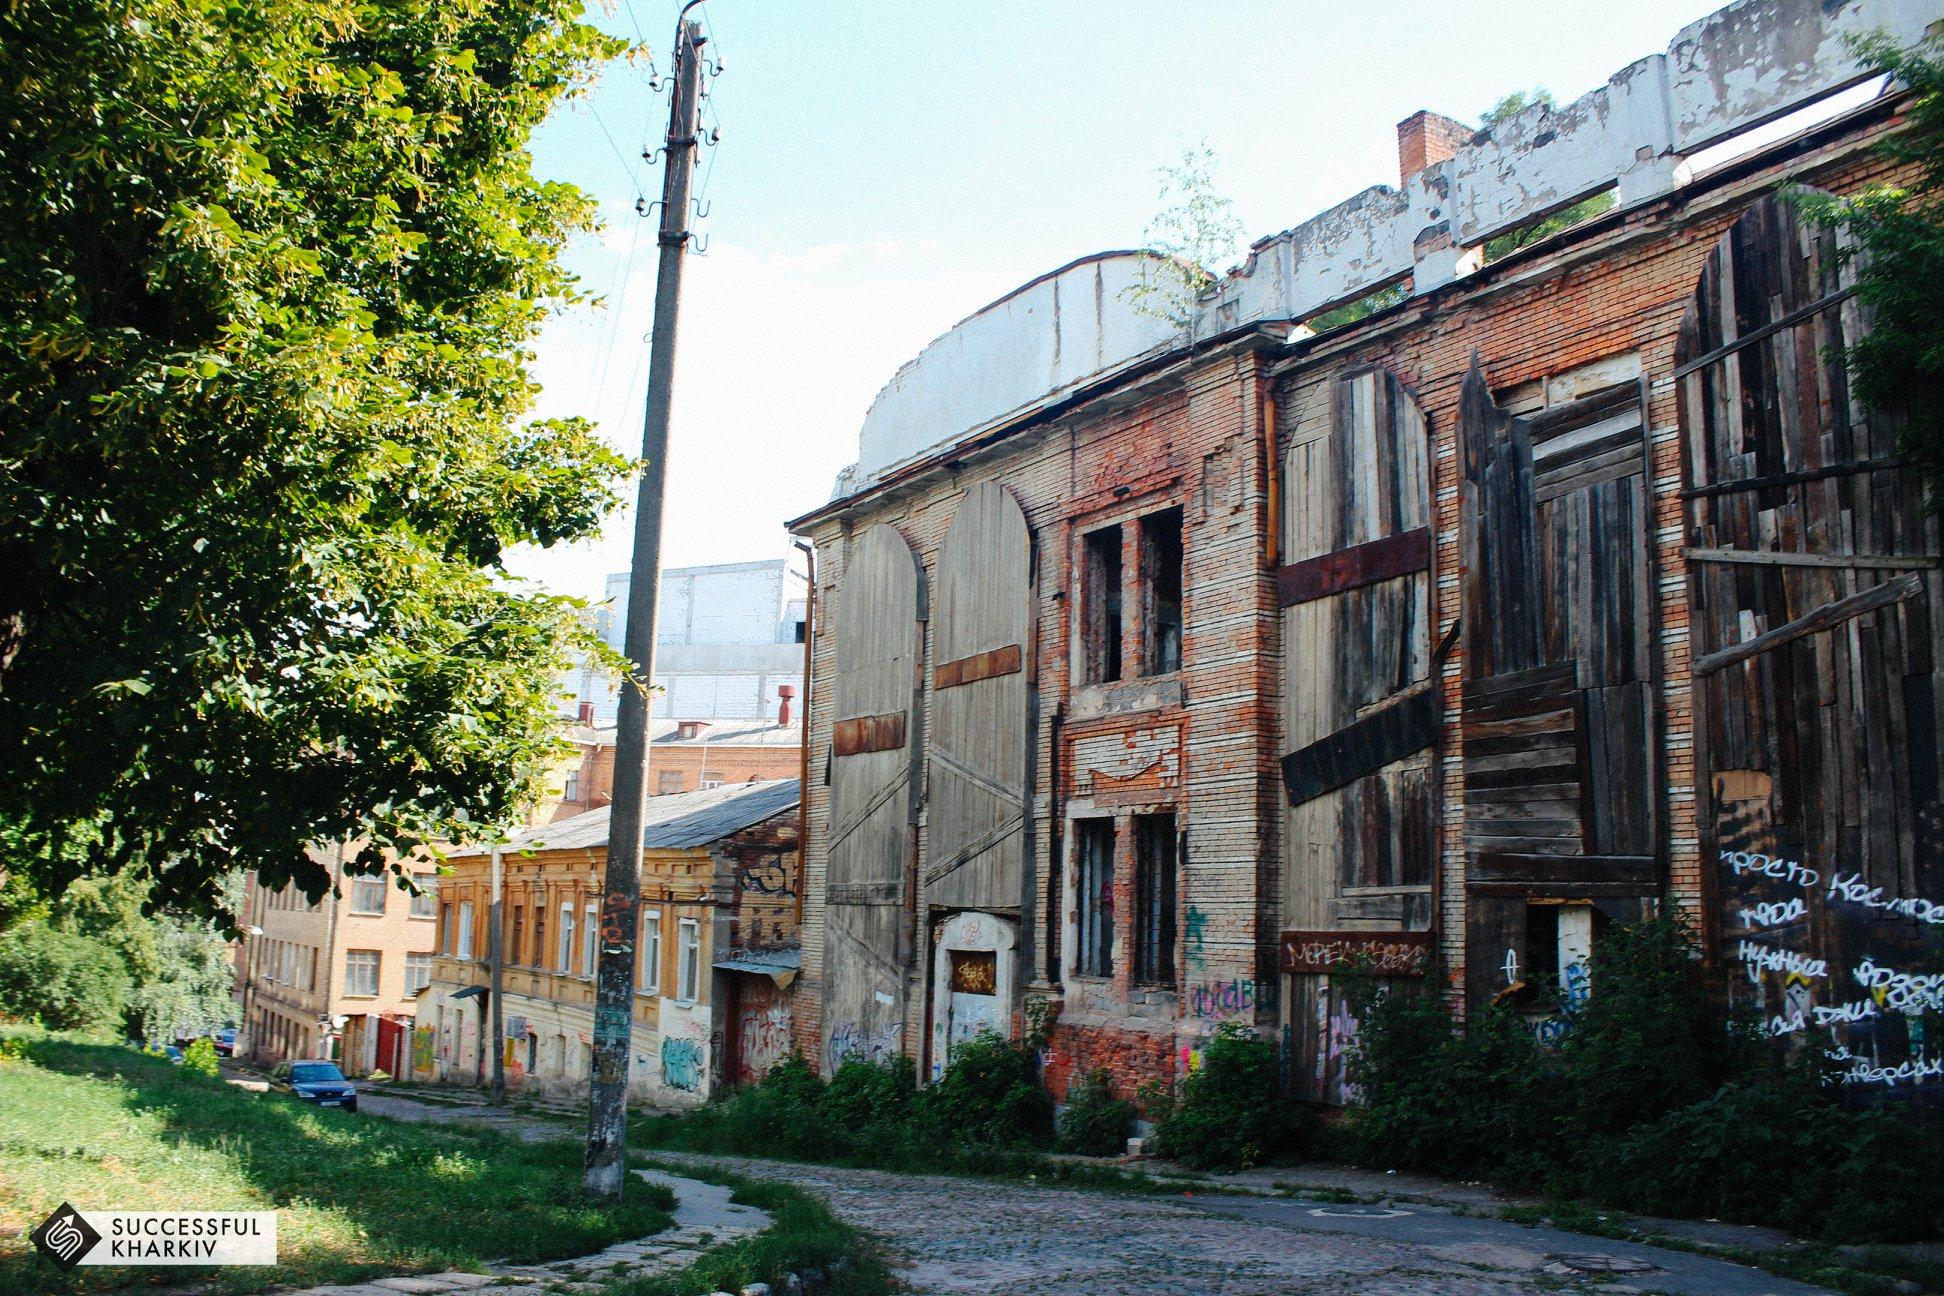 Переулок Воробьева хранит трупы, притягивает киношников и террористов